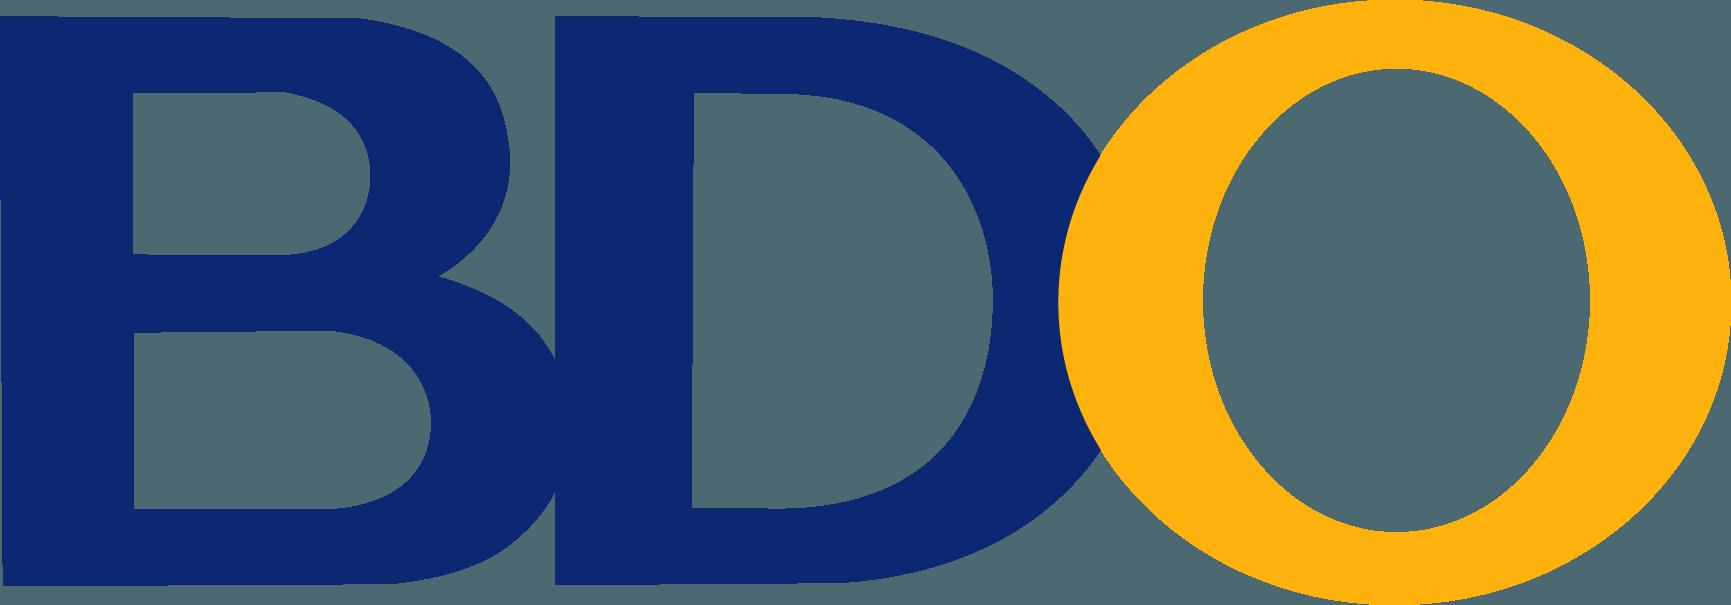 banco-de-oro-universal-bank-bdo-logo